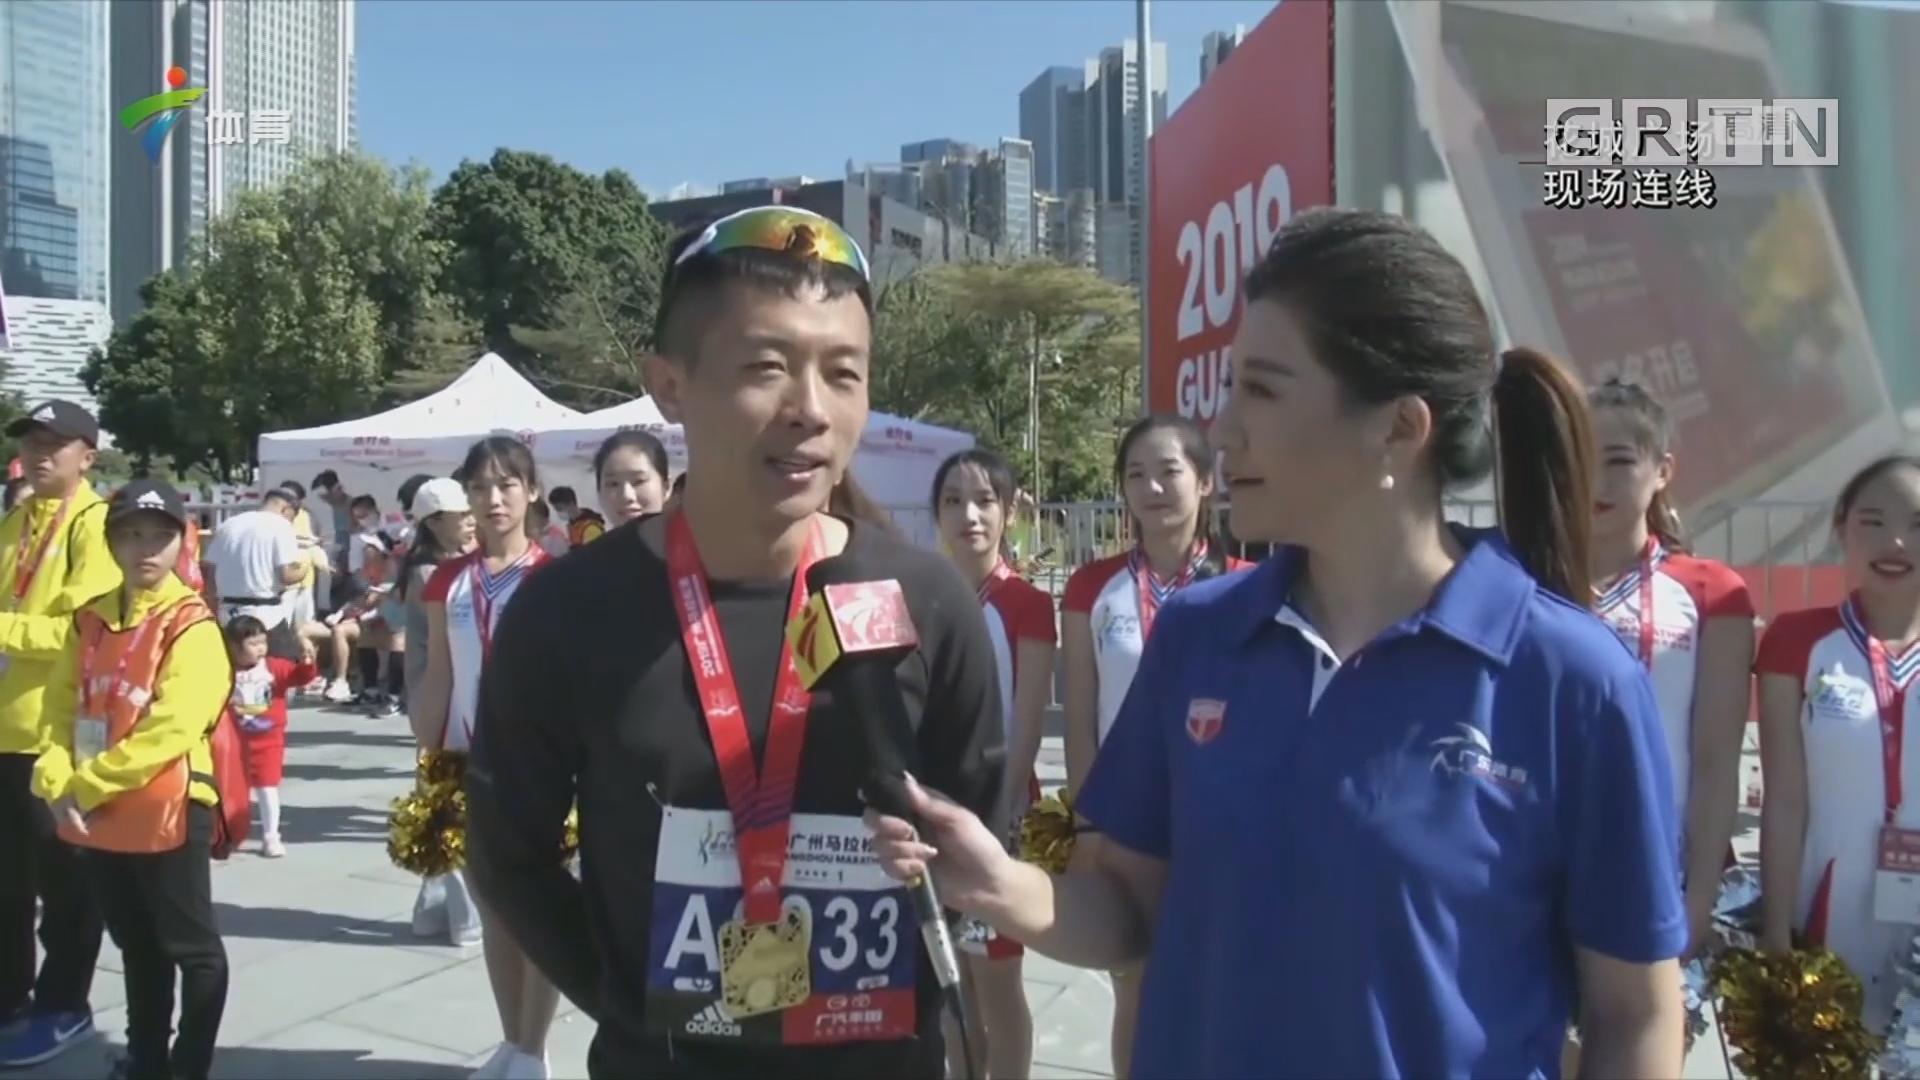 现场连线:2019广州国际马拉松正式鸣枪开跑